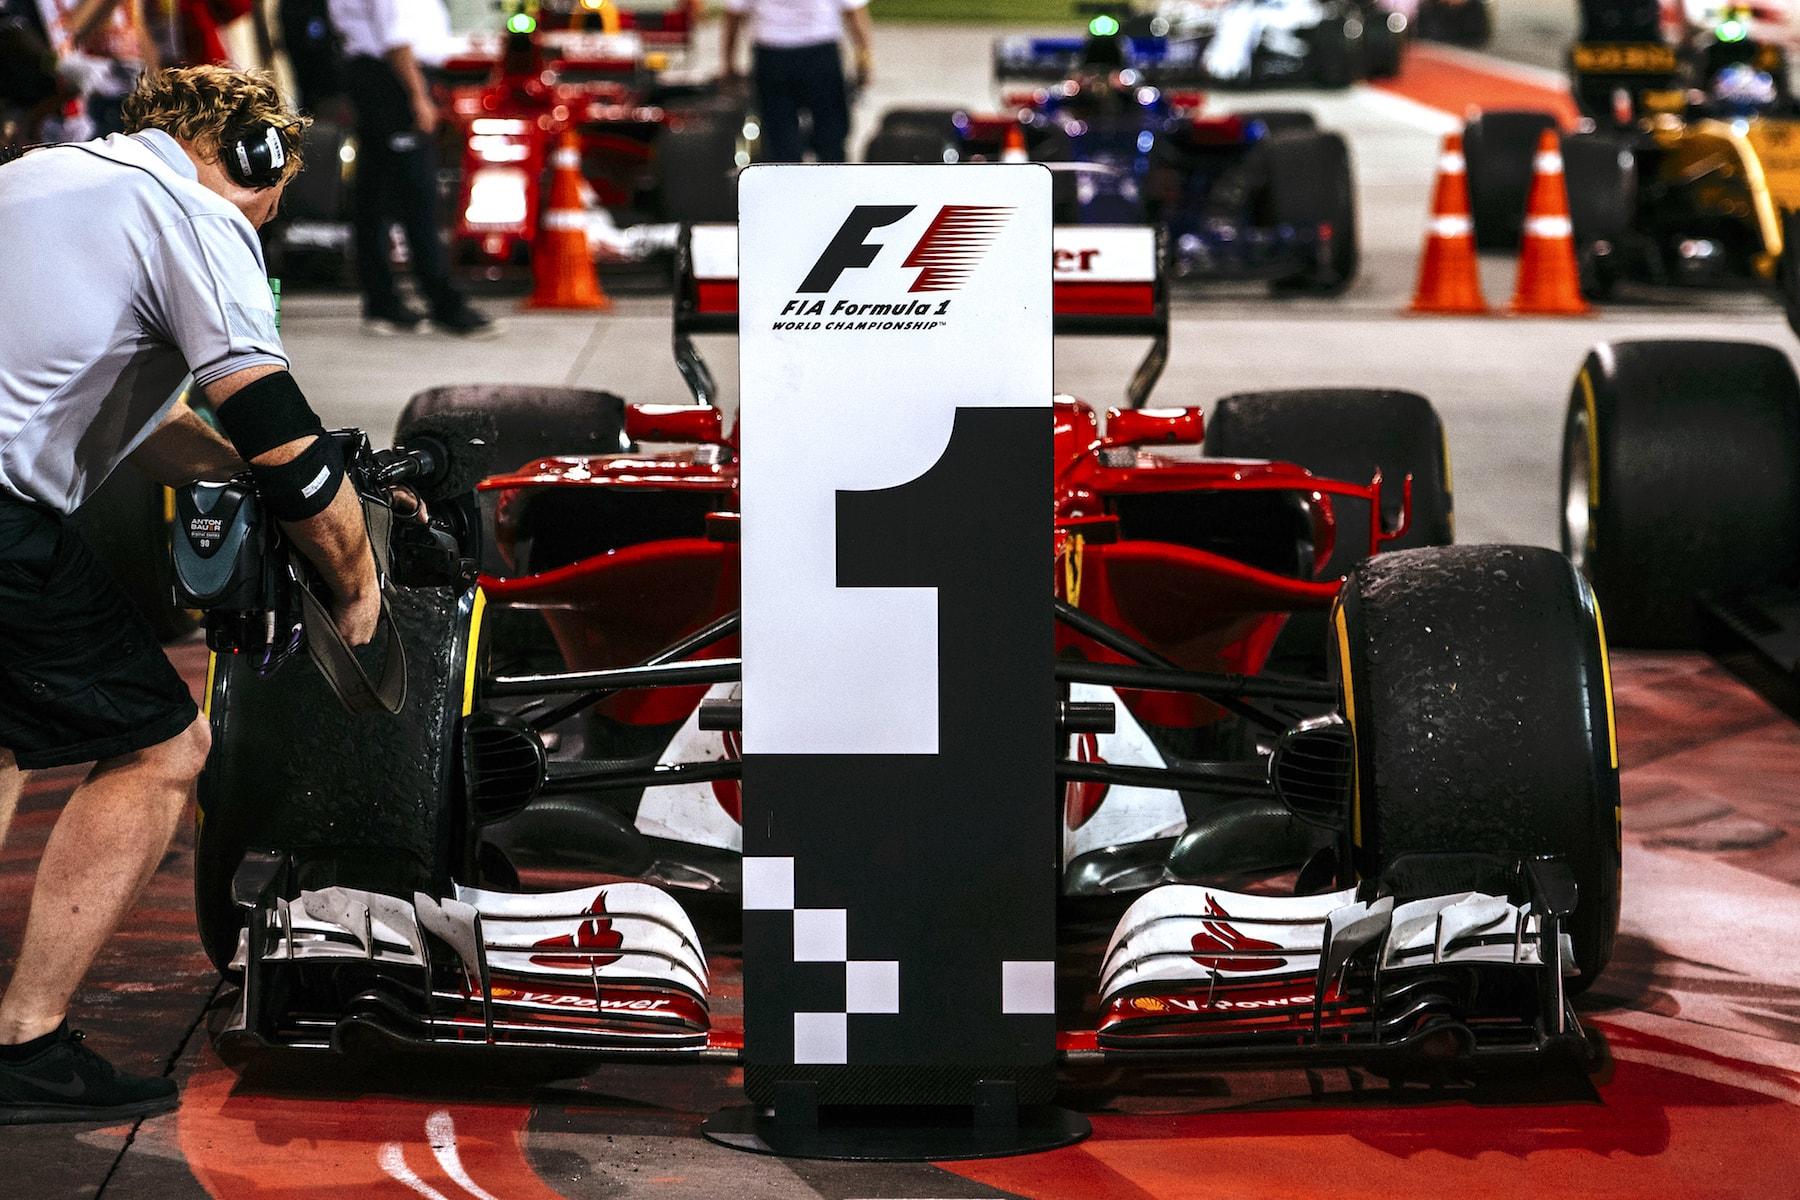 U 2017 Sebastian Vettel   Ferrari SF70H   2017 Bahrain GP P1 8 copy.jpg